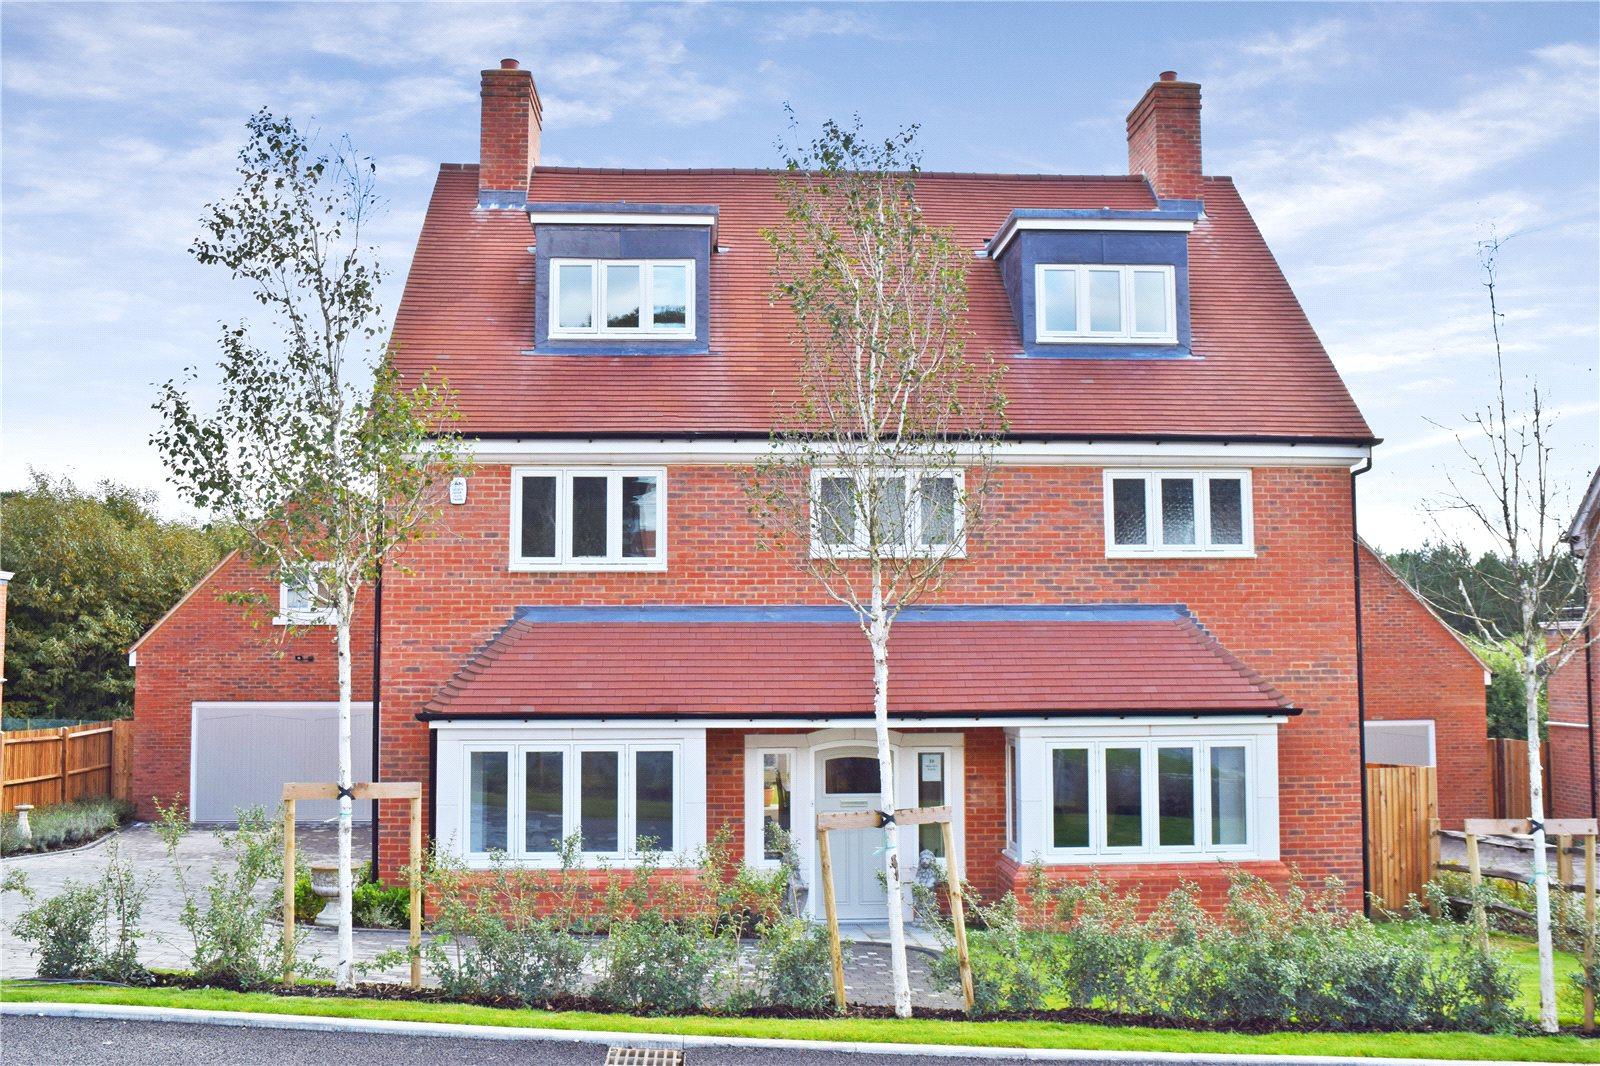 단독 가정 주택 용 매매 에 Brackenwood, Midhurst, West Sussex, GU29 Midhurst, 영국